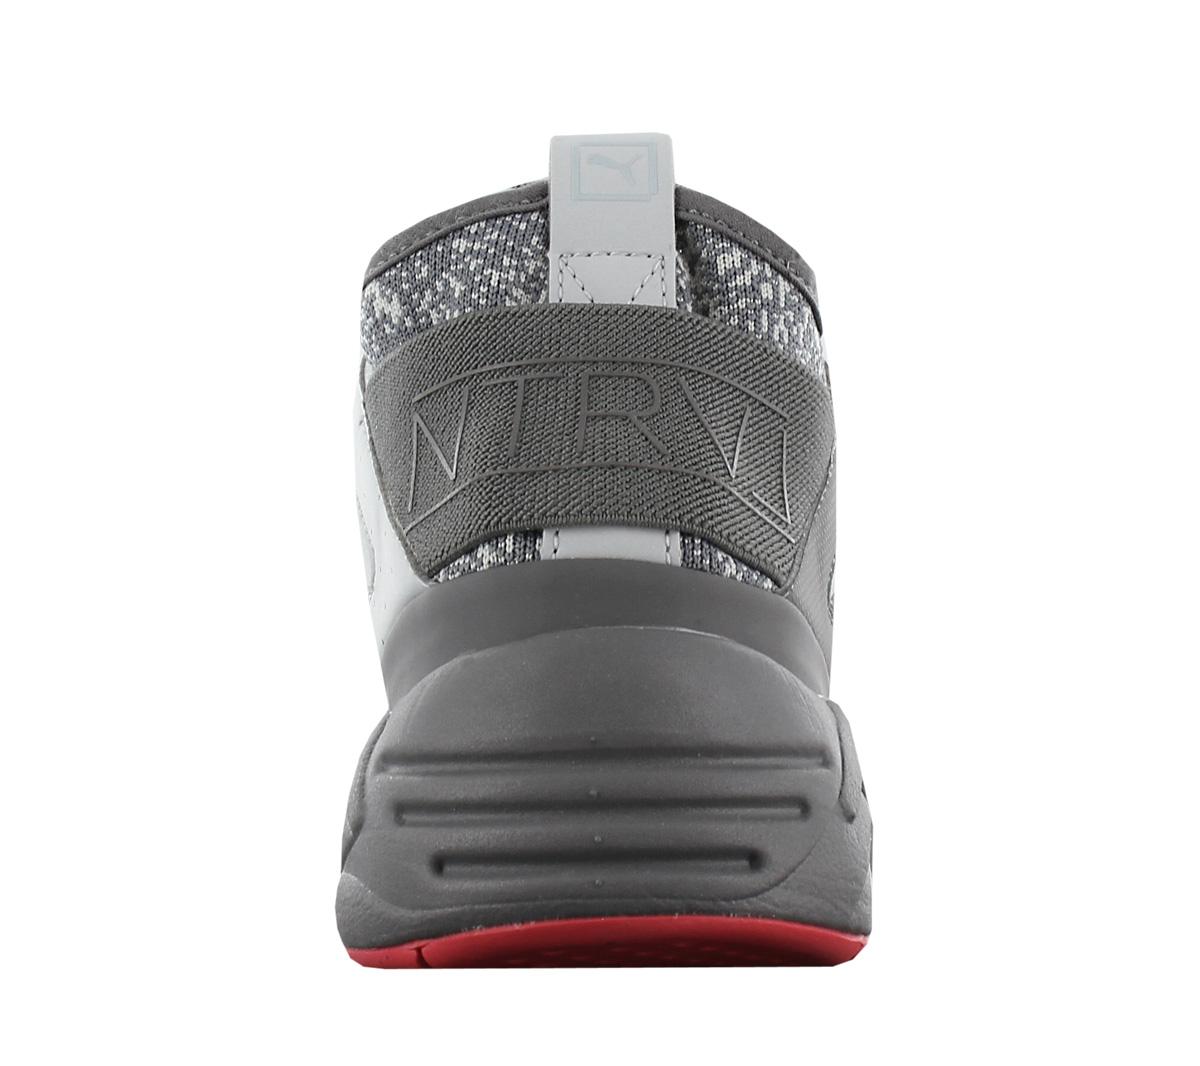 Détails sur Puma X Staple Blaze Of Glory Chaussette Ntrvl B. O.G 363204 02 Hommes Baskets